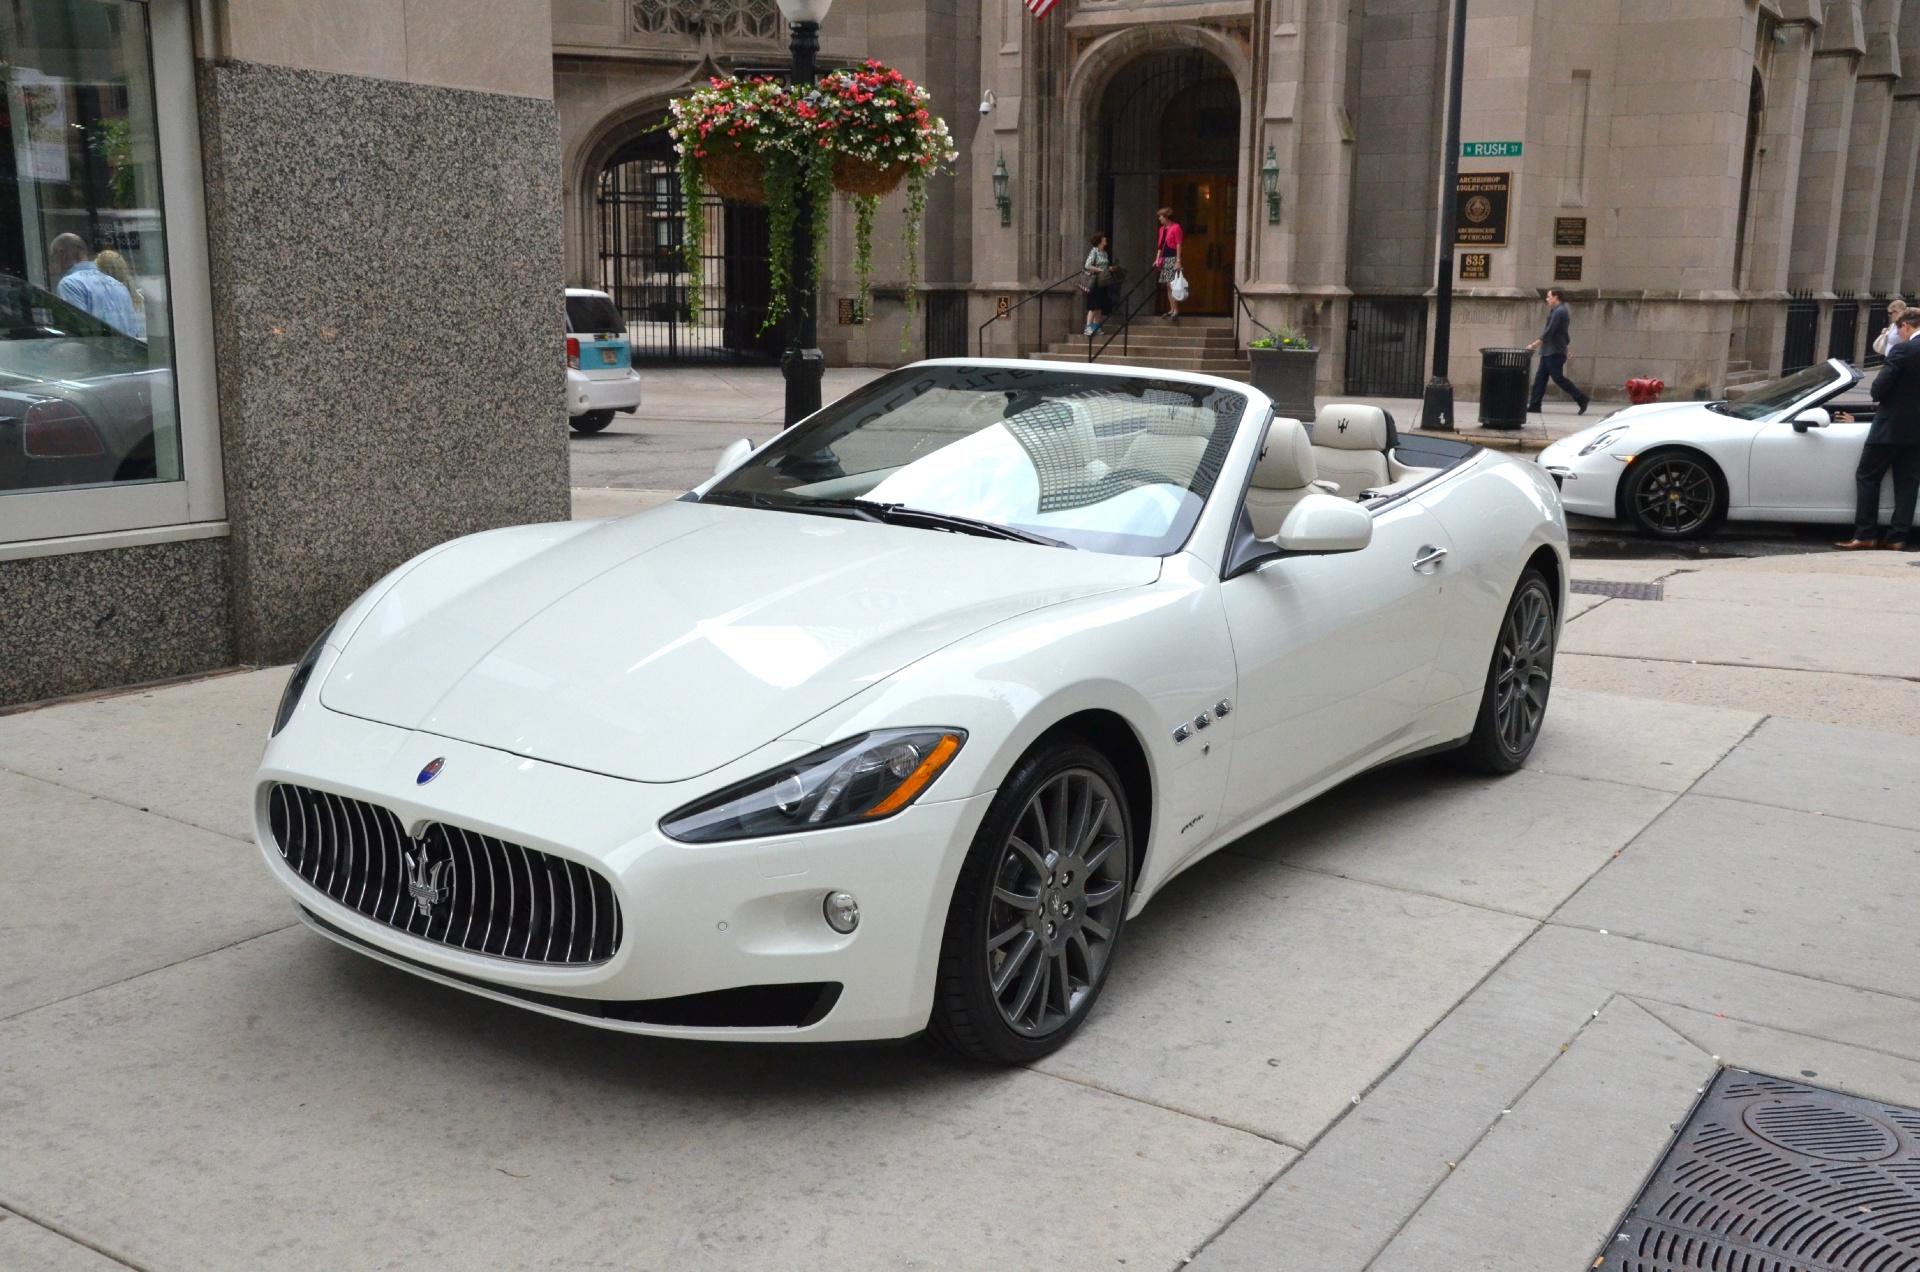 2013 Maserati GranTurismo Convertible Stock # GC-ROLAND104 for sale ...